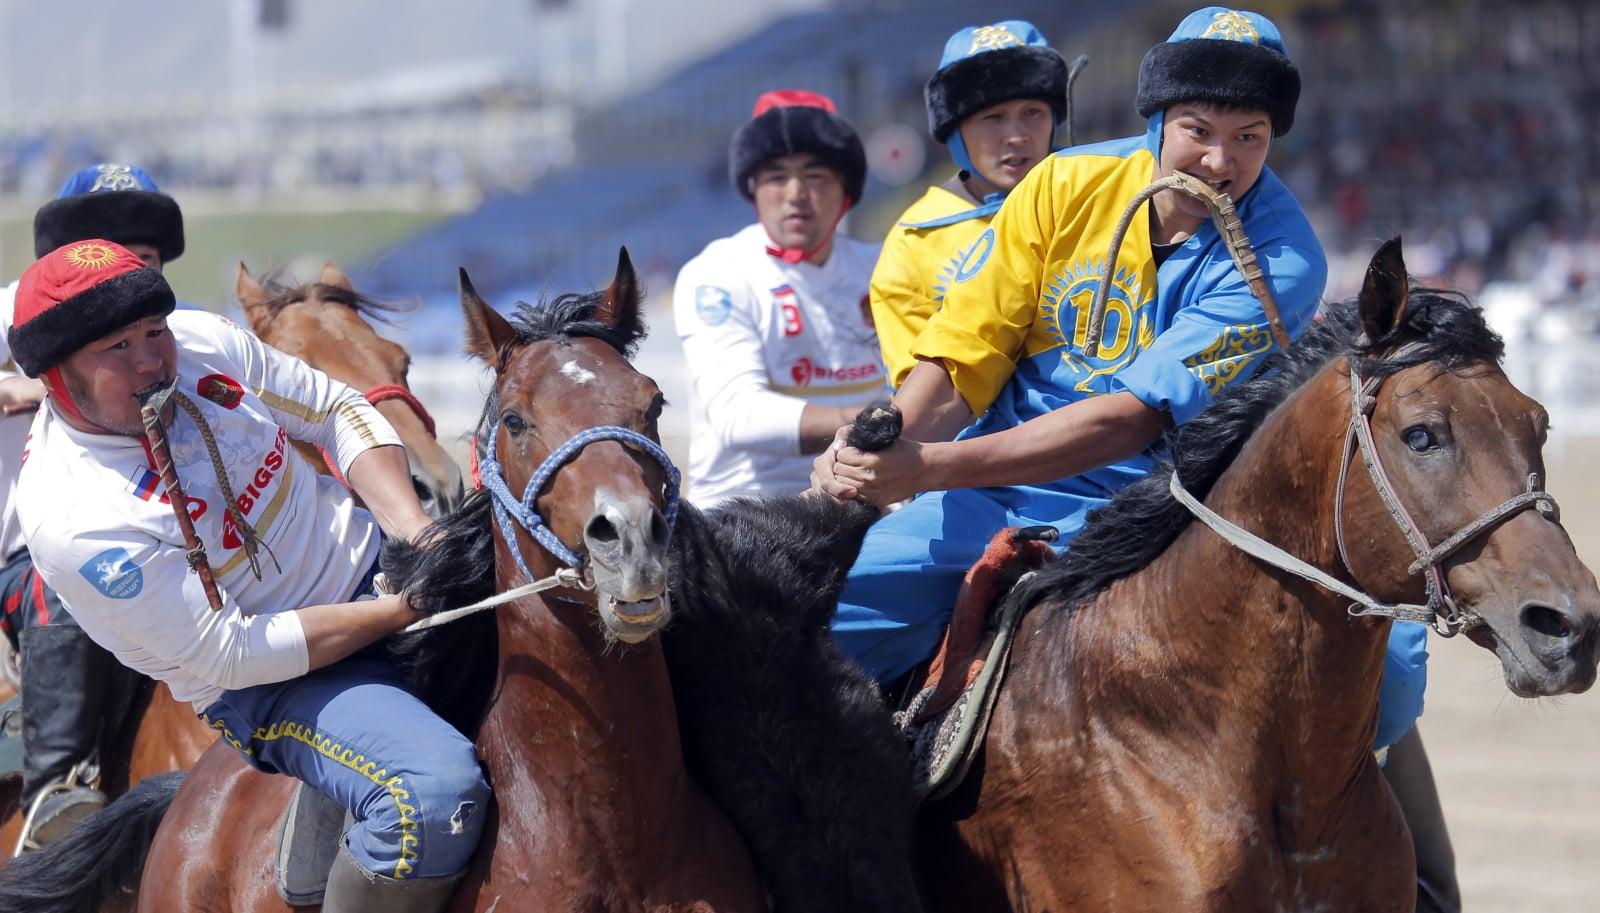 Tradycyjne Kirgiskie zawody konne - Kirgistan.